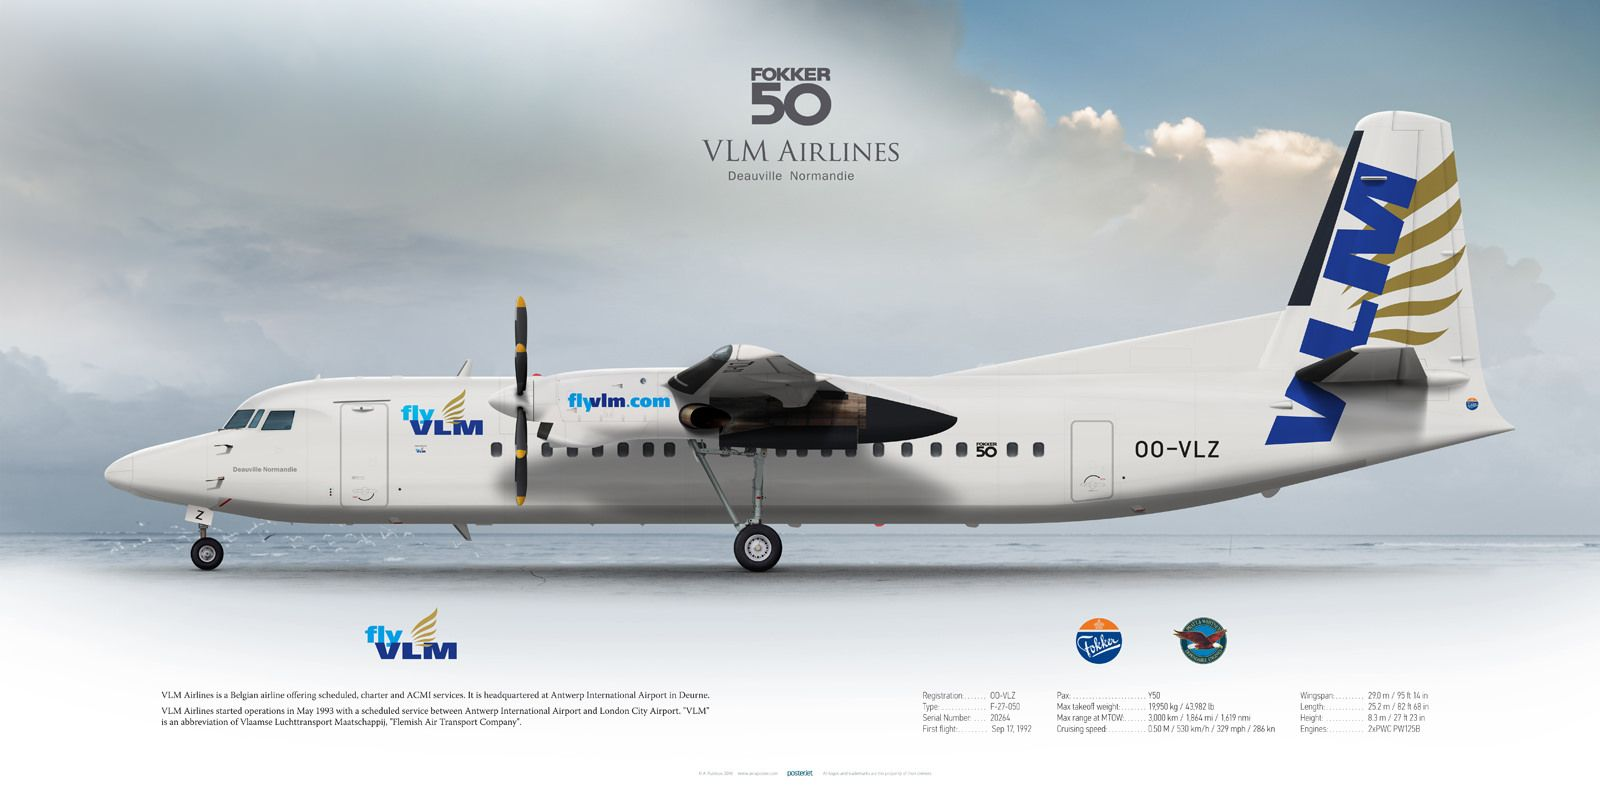 fokker 50 vlm airlines oovlz planes fokker 50